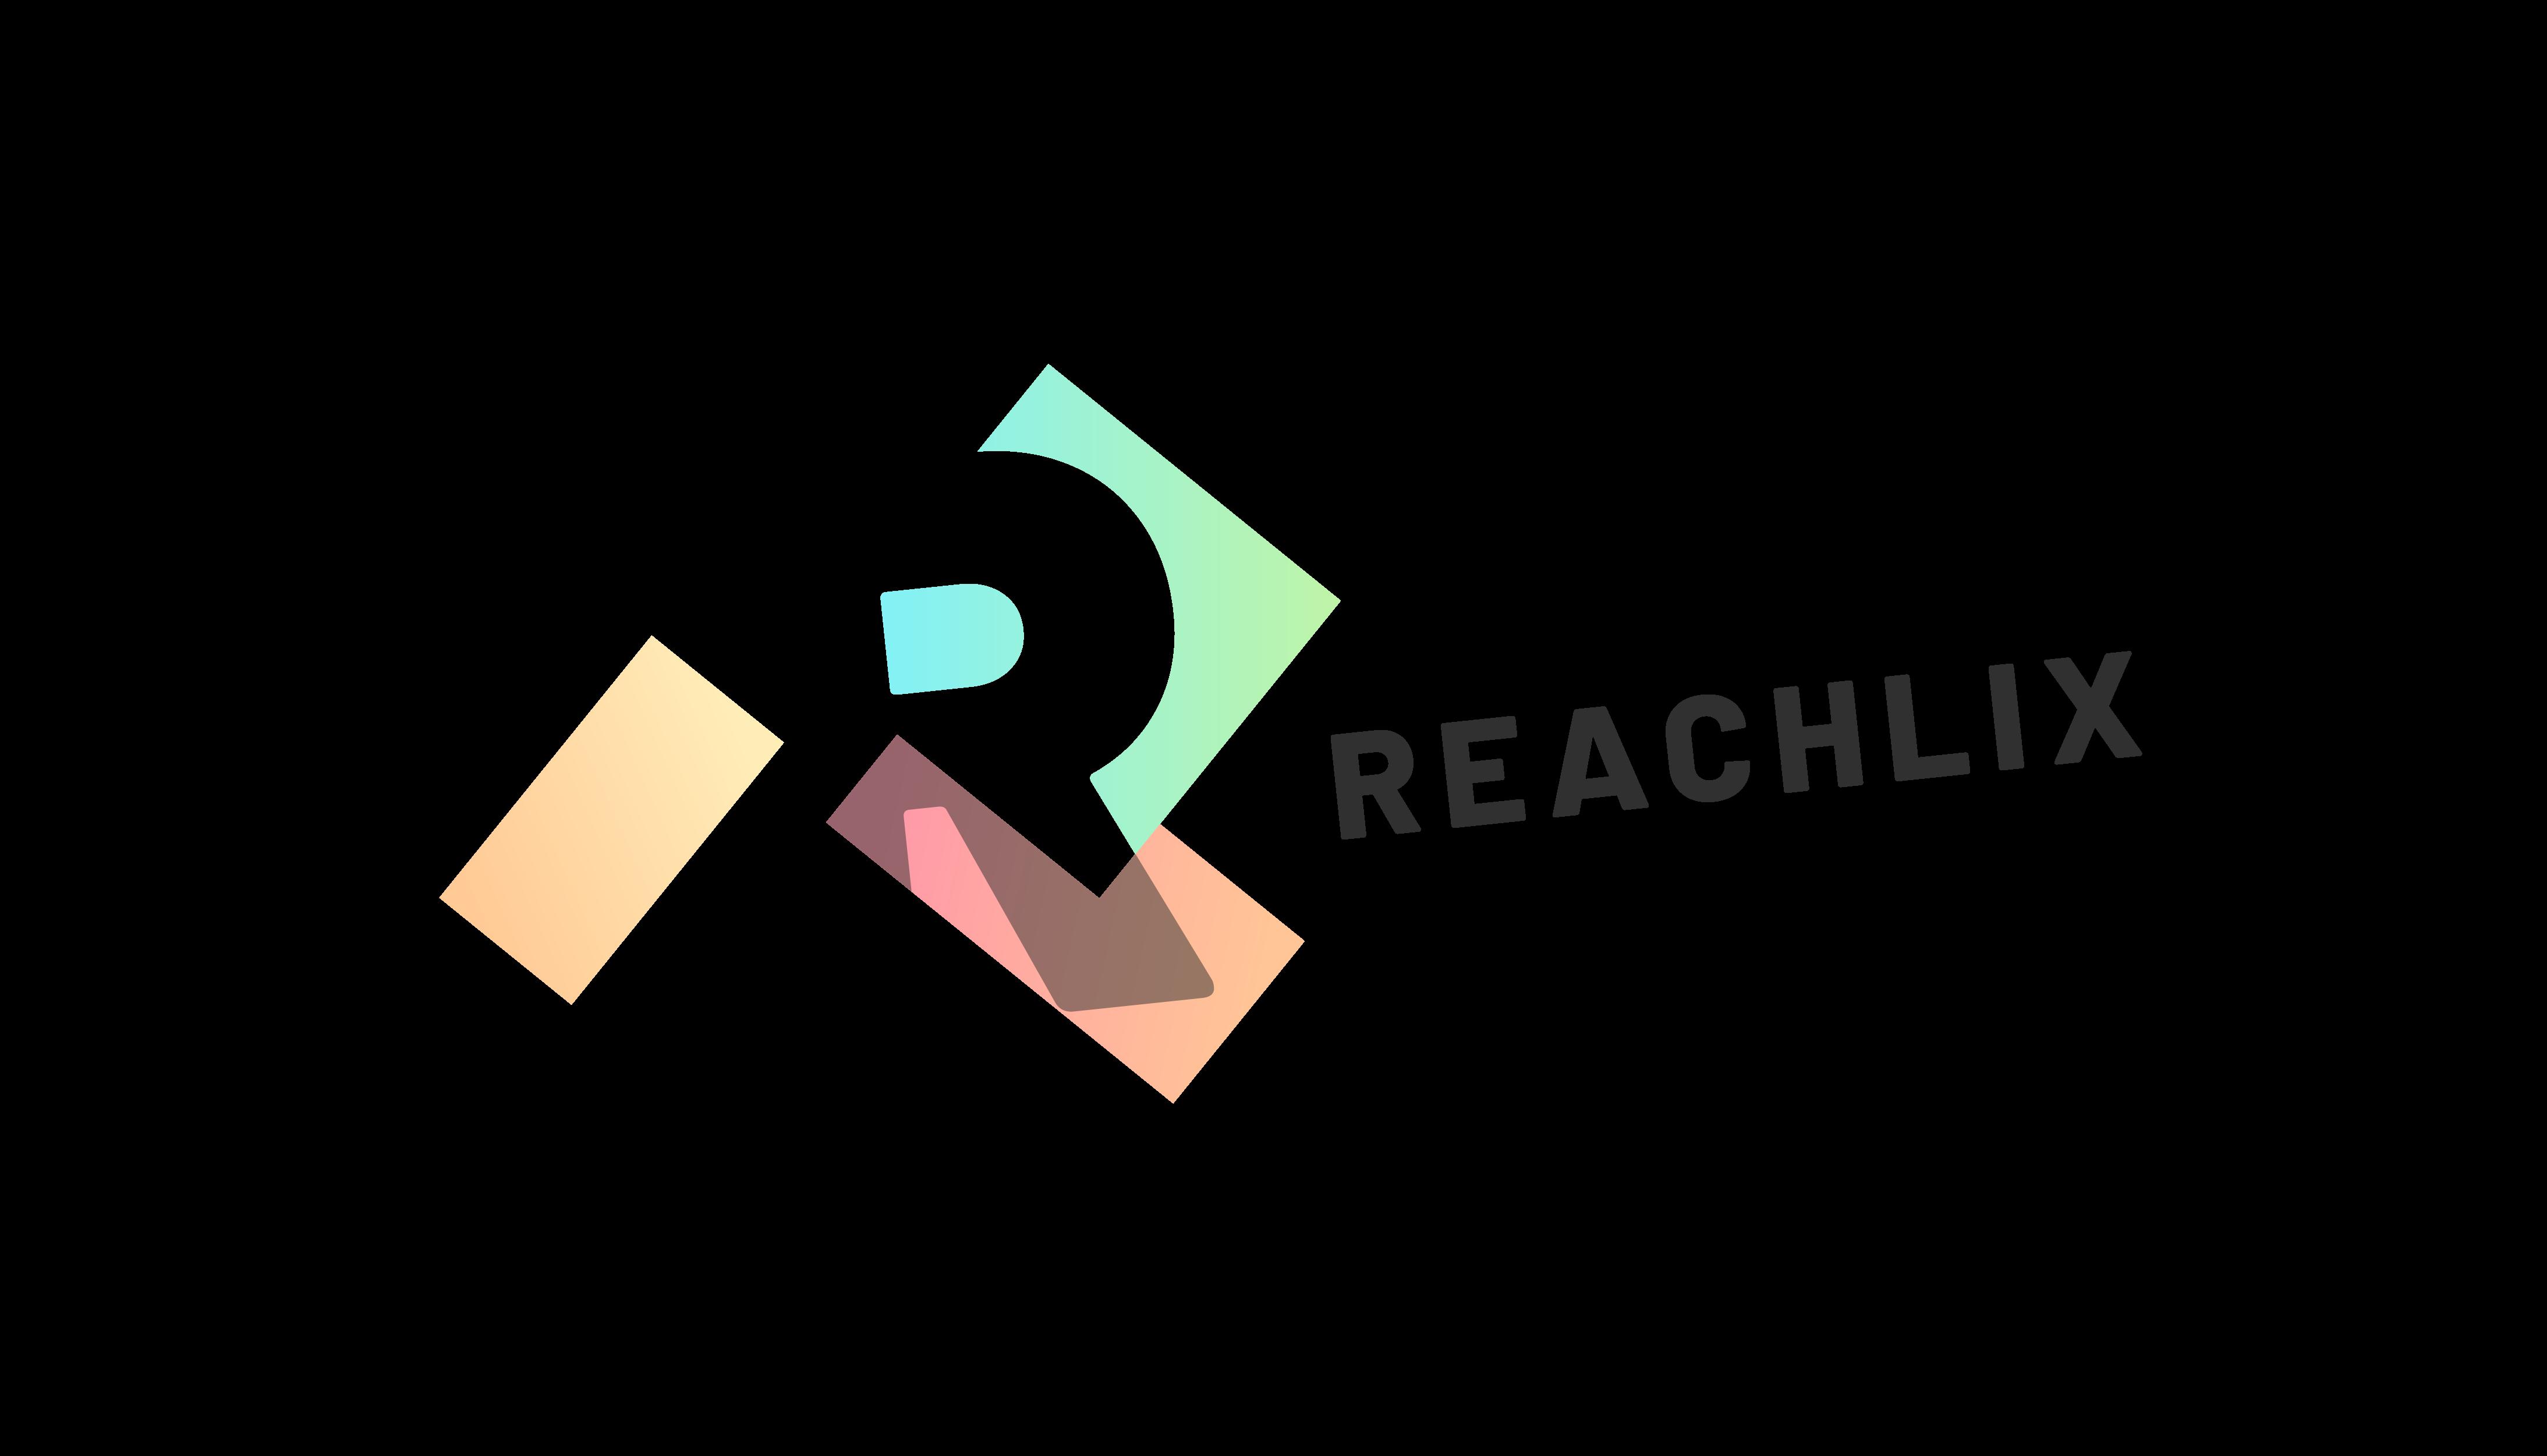 Reachlix GmbH